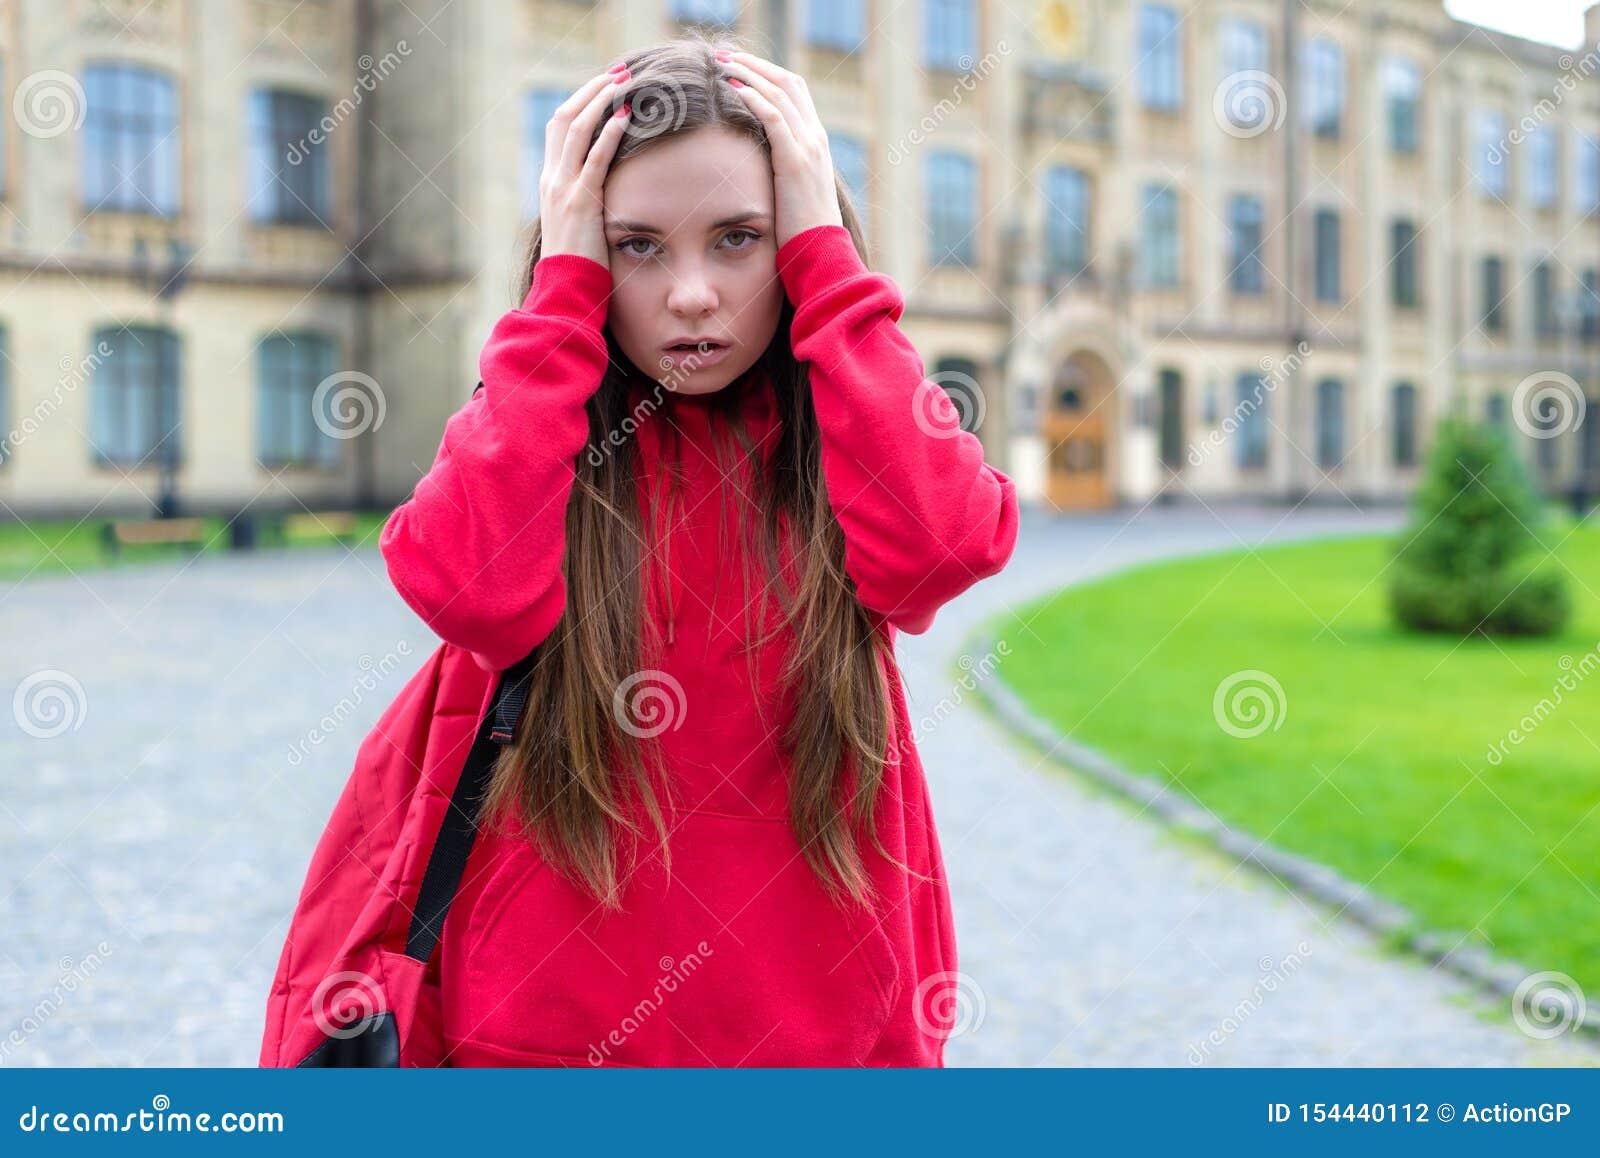 A foto ascendente próxima de ansioso pessimista tendo o problema do problema com lições não compreende o exame importante durmido